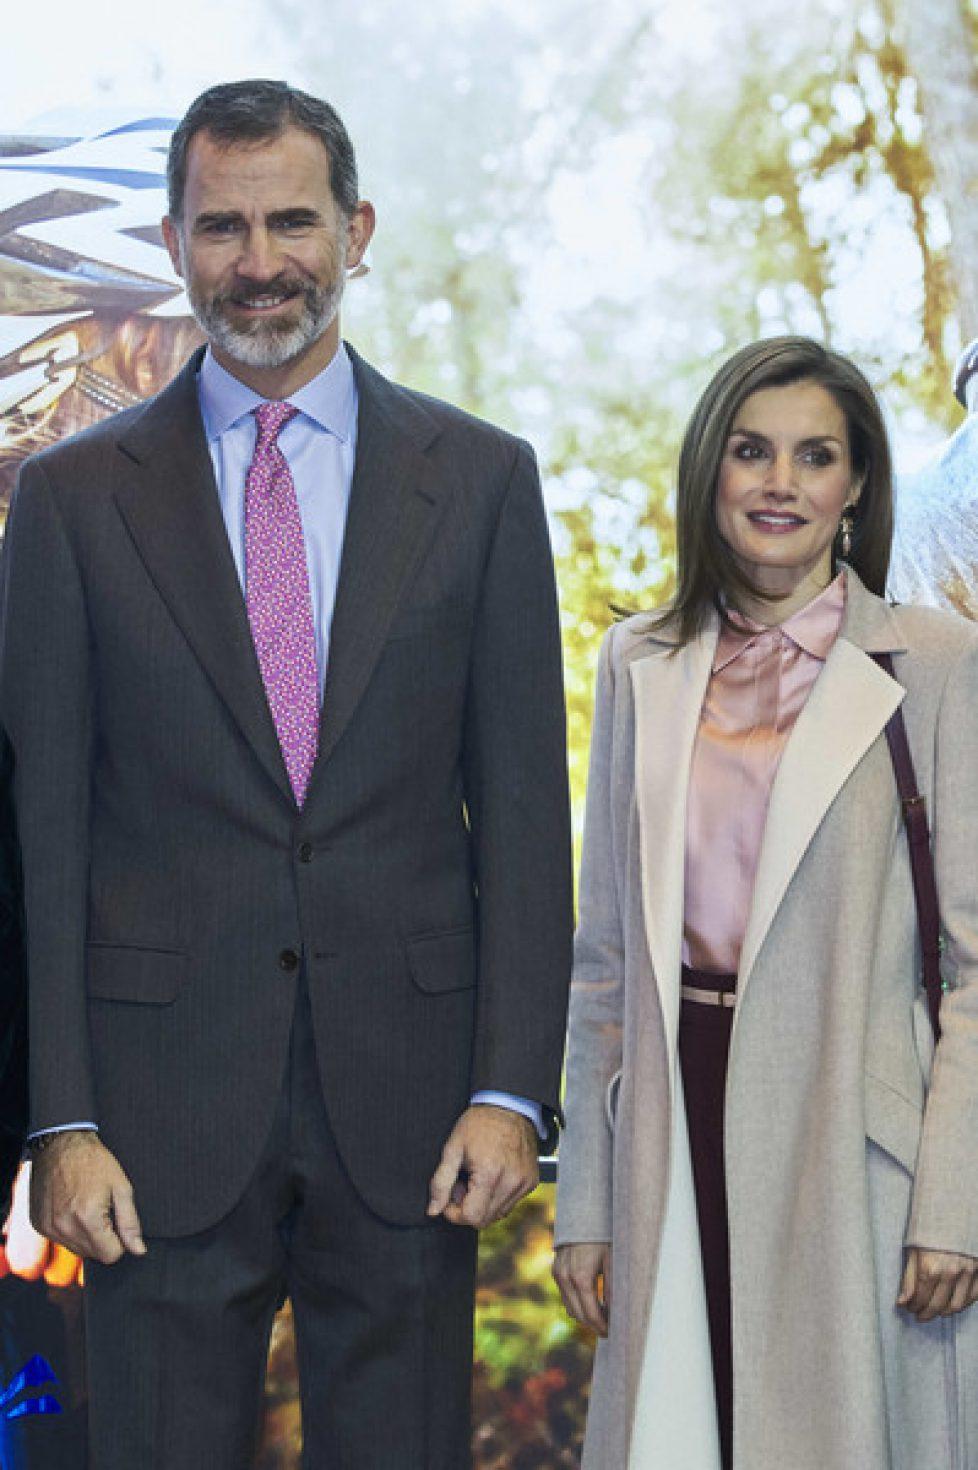 Les souverains espagnols à la foire du tourisme